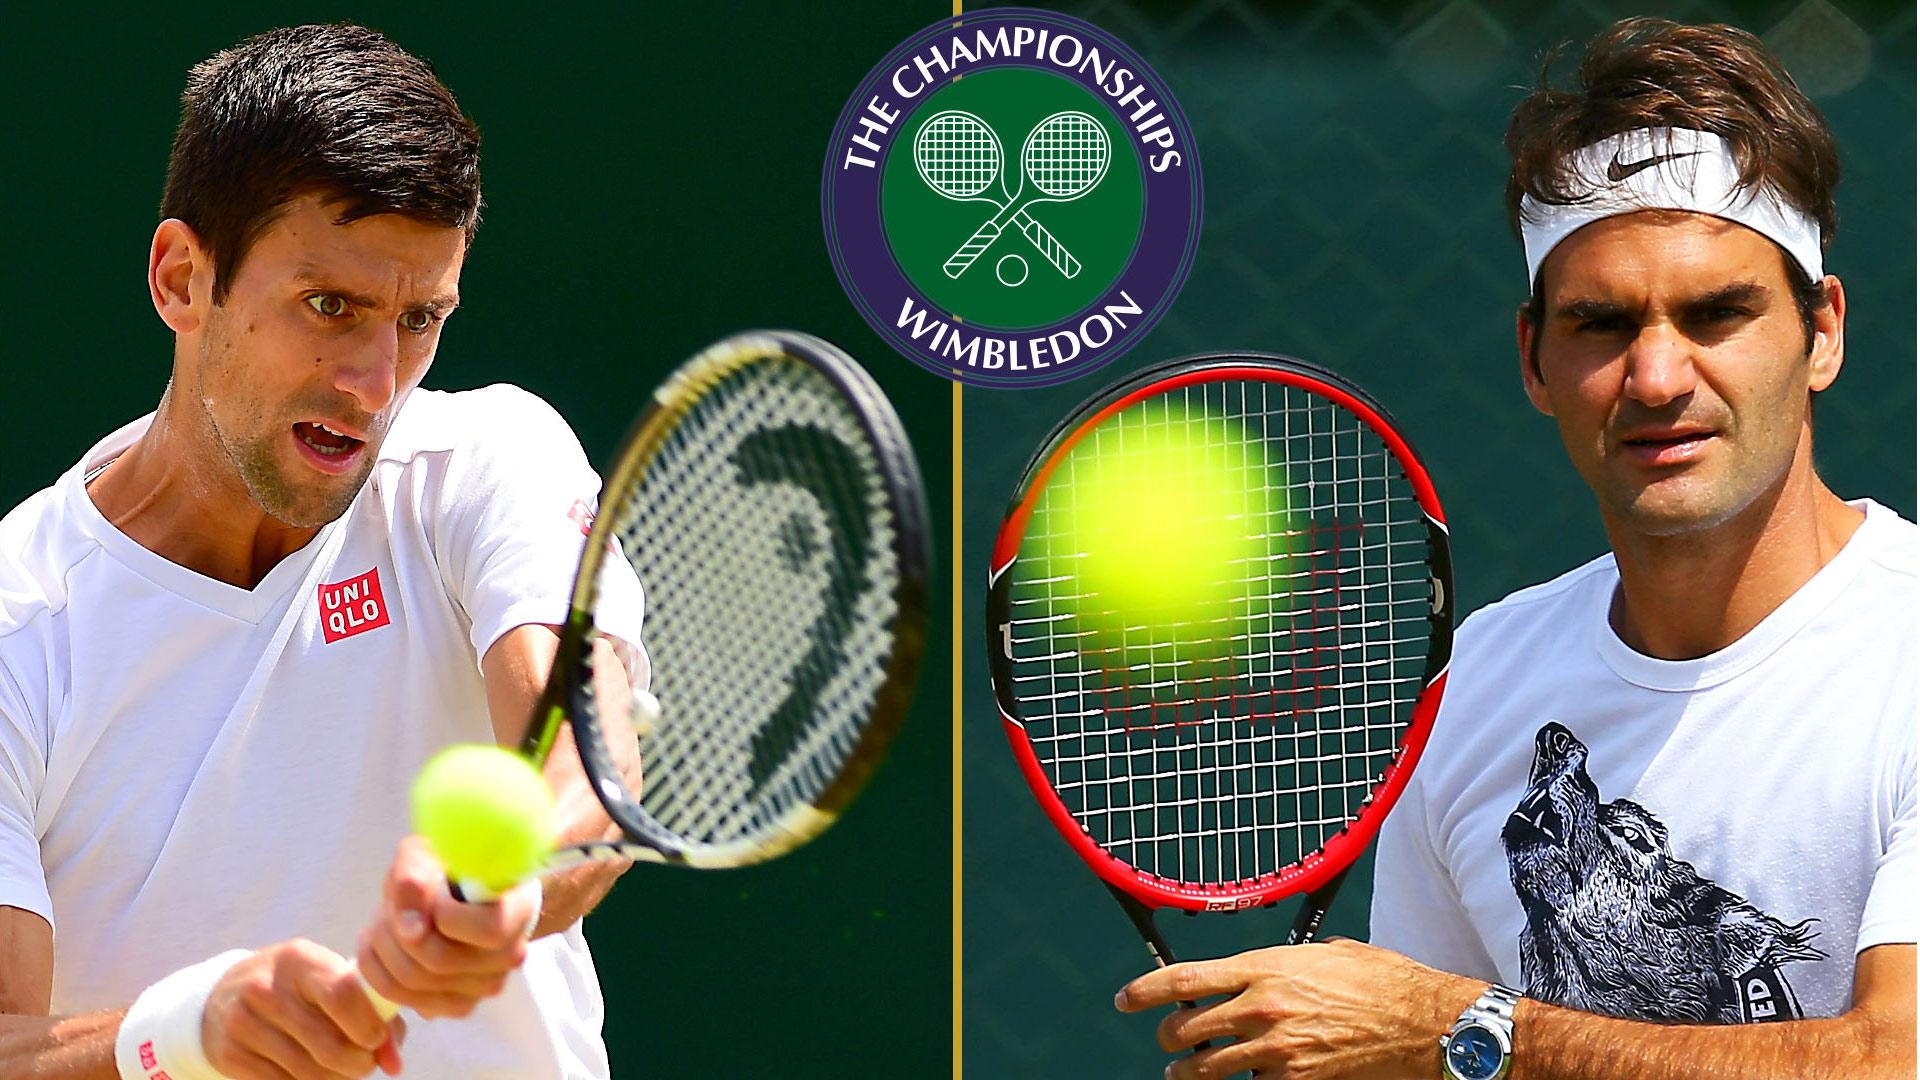 Siêu kinh điển Federer - Nadal: 10 năm trận đấu thiên niên kỷ (Chung kết Wimbledon 2008) - 7